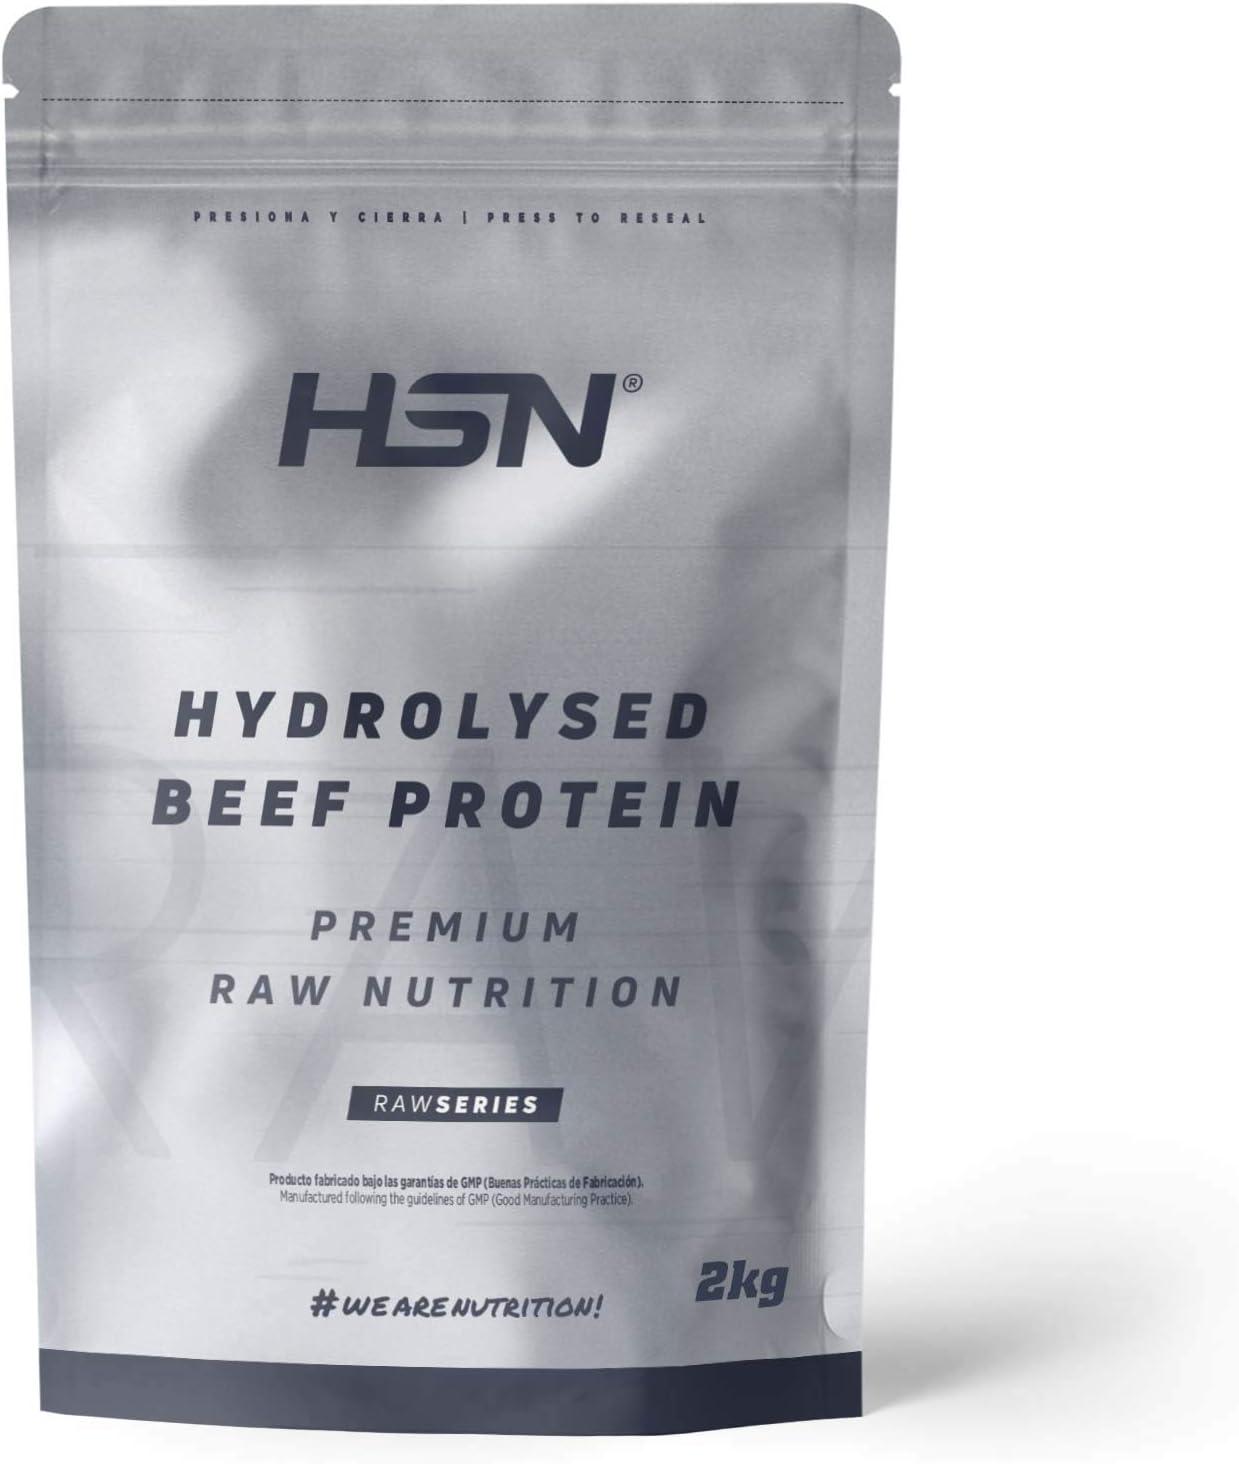 HSN Proteína Hidrolizada de Carne Bovina Beef Protein | con HydroBEEF | Sin Gluten, Sin Lactosa, Sin Soja, Sin Edulcorante, Sin Sabor, En Polvo, 2000 ...